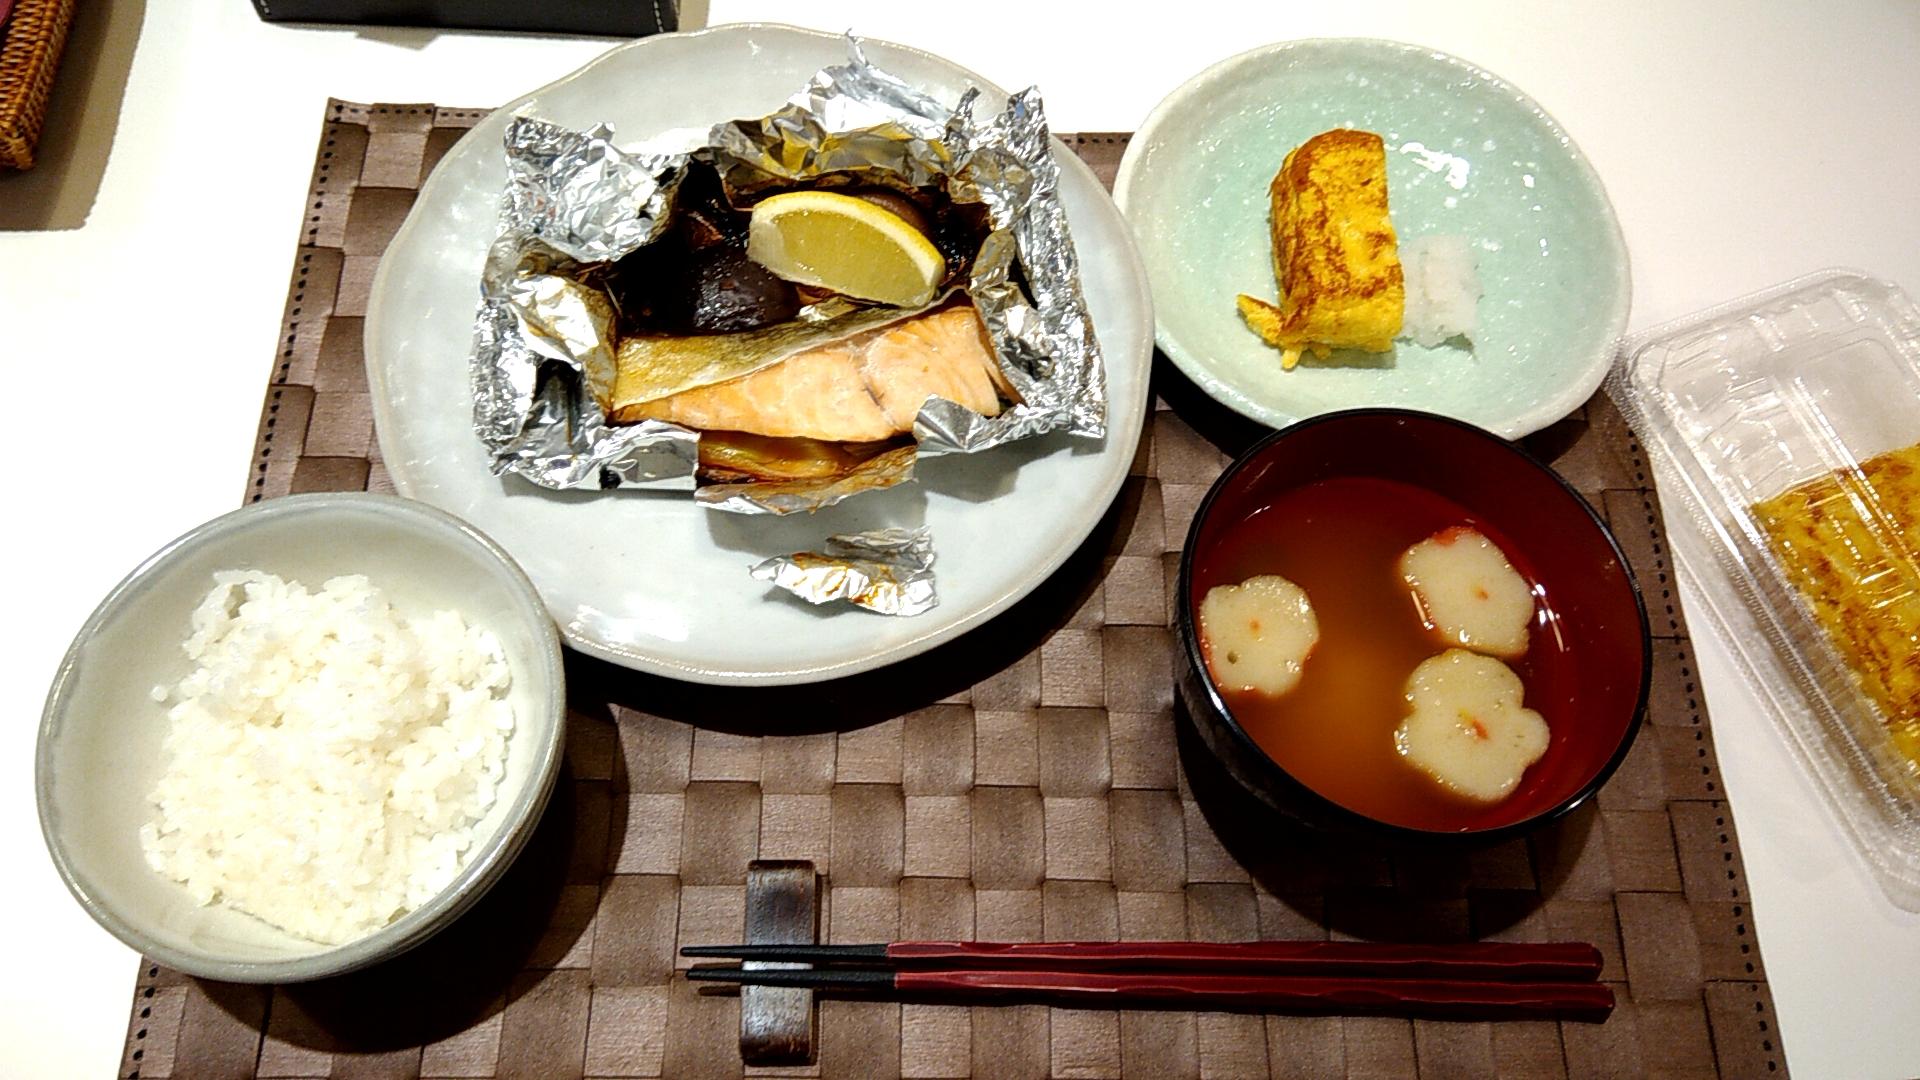 【無料】市主催の料理教室は超お得♪友達もできちゃうかも?横浜市